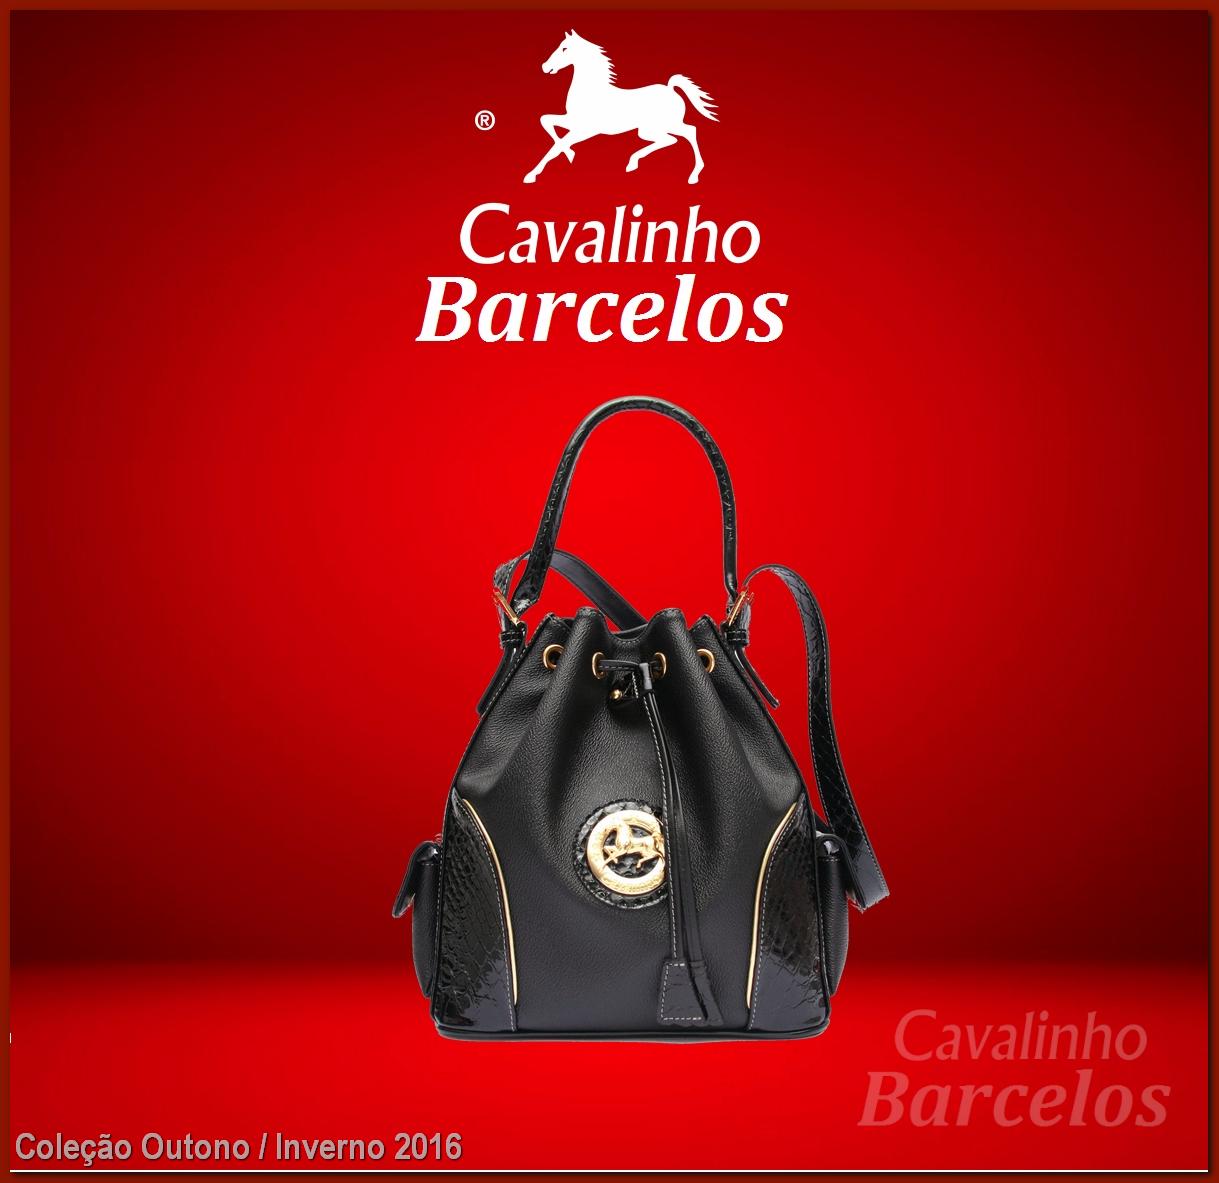 Peças intemporais e luxuosas que marcam o legado da marca!  #cavalinho    #cavalinhobarcelos    #cavalinhooficial     #barcelos    #bolsas    #carteiras    #moda